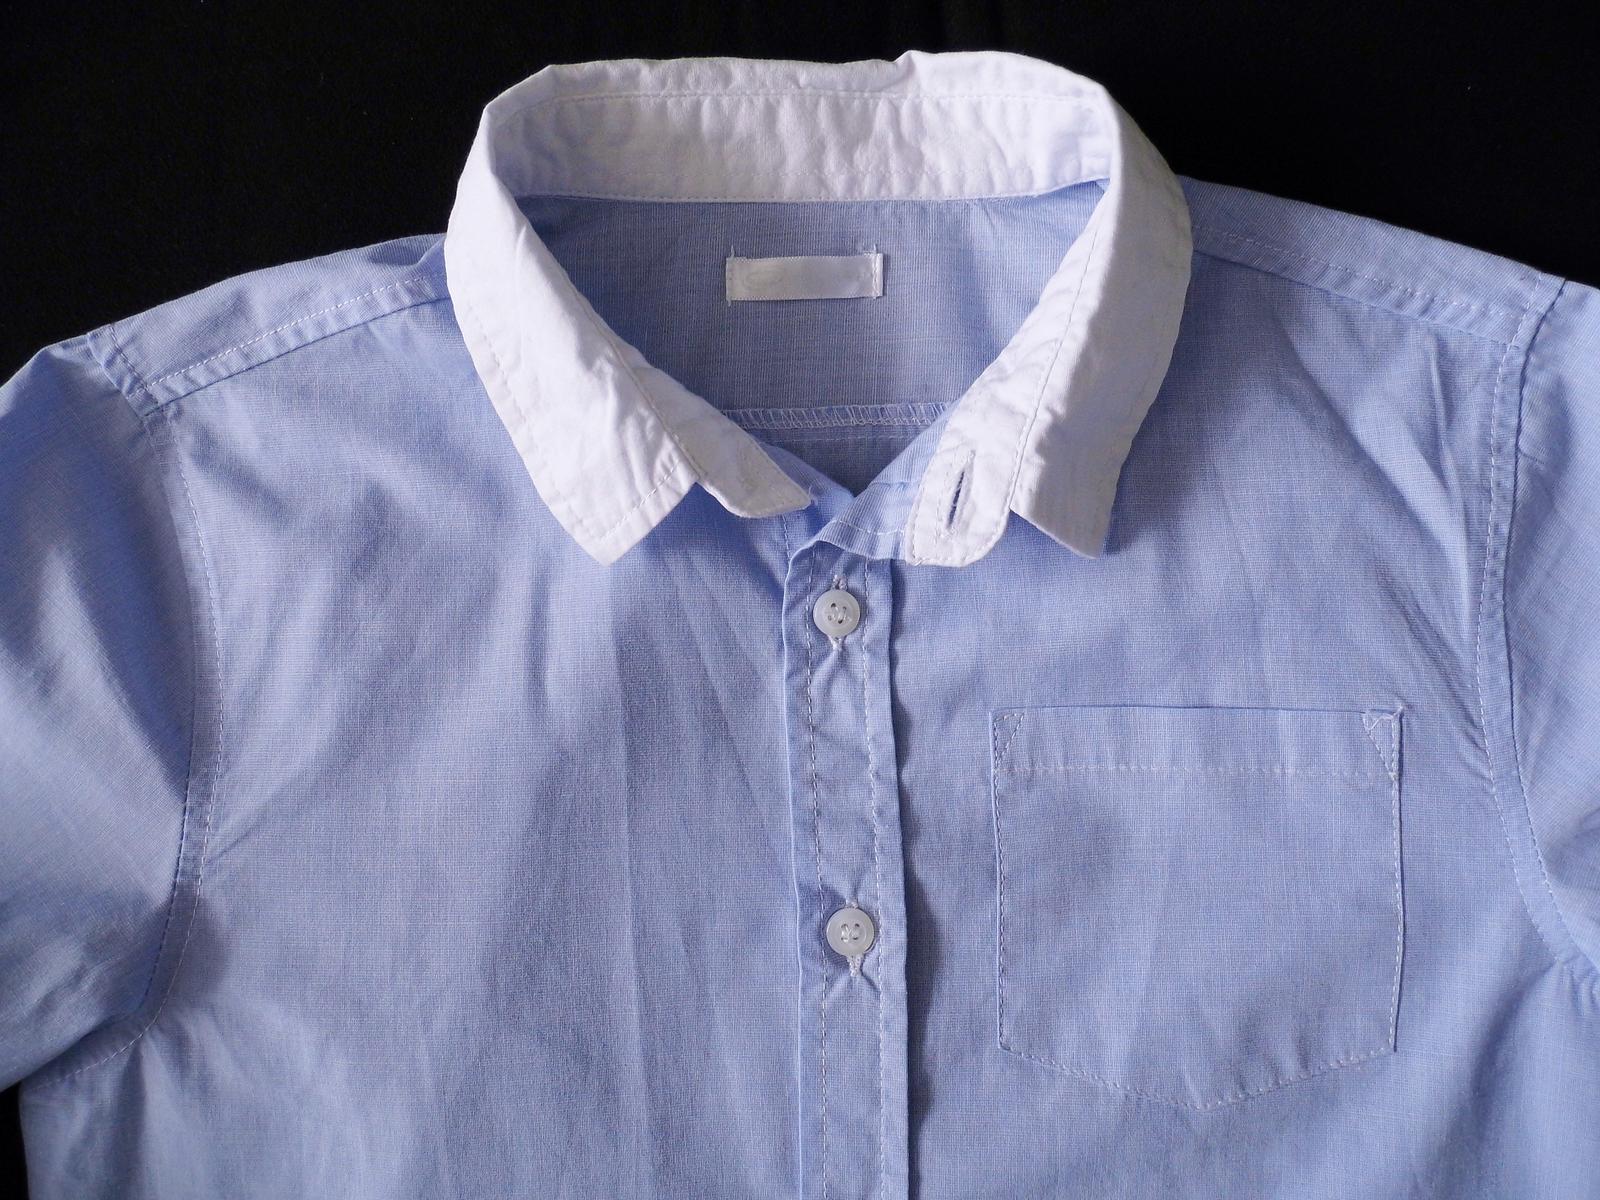 košeľa Pepco veľ. 140 - Obrázok č. 4